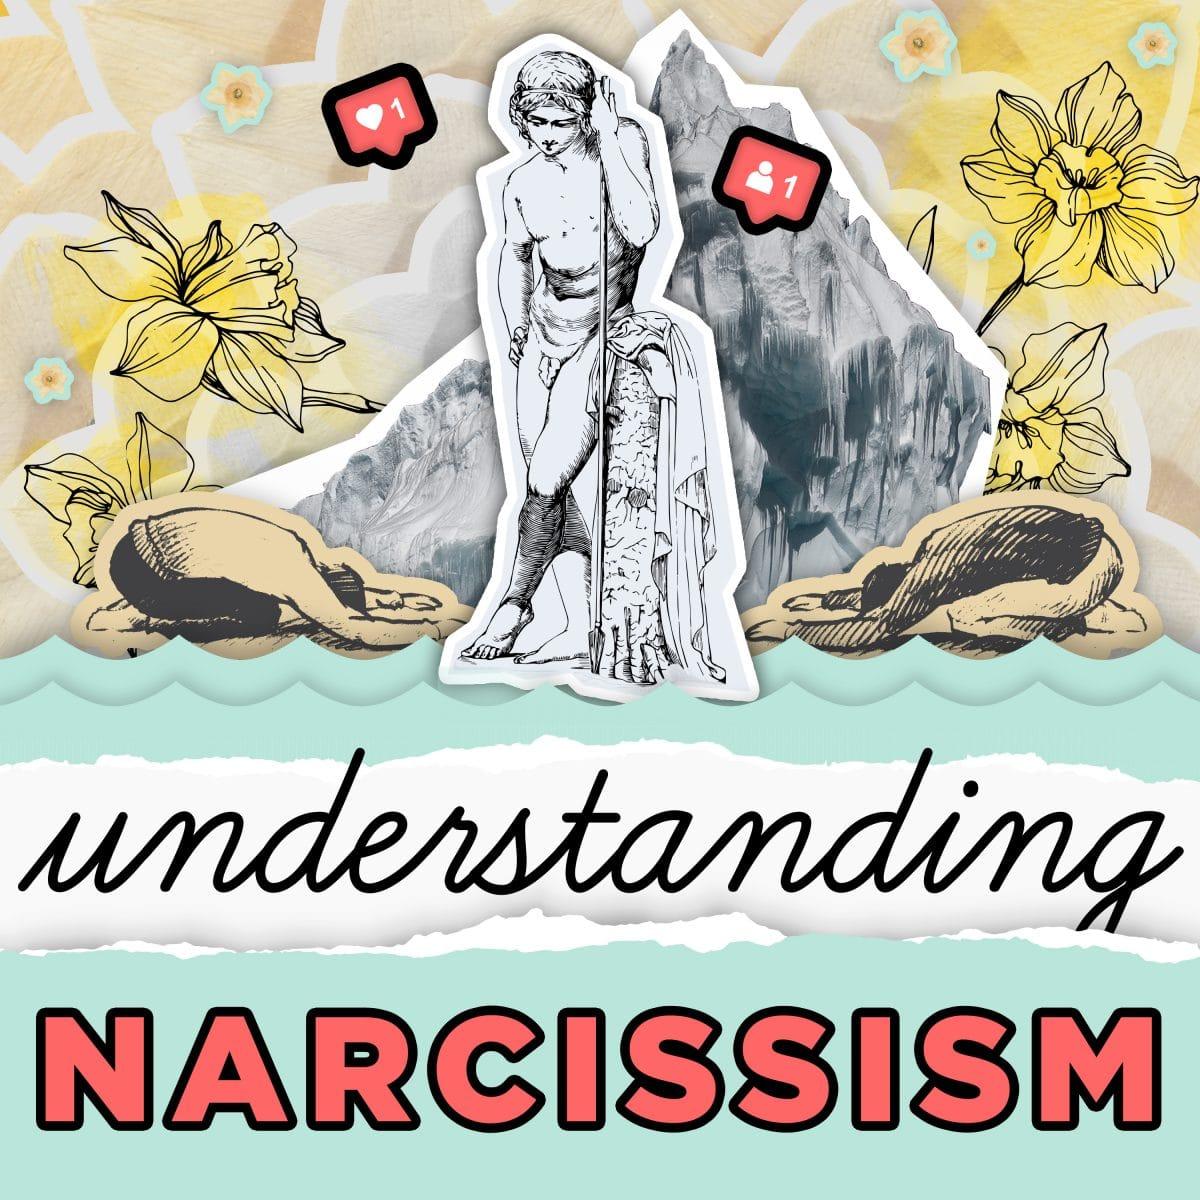 understanding narcissism summit